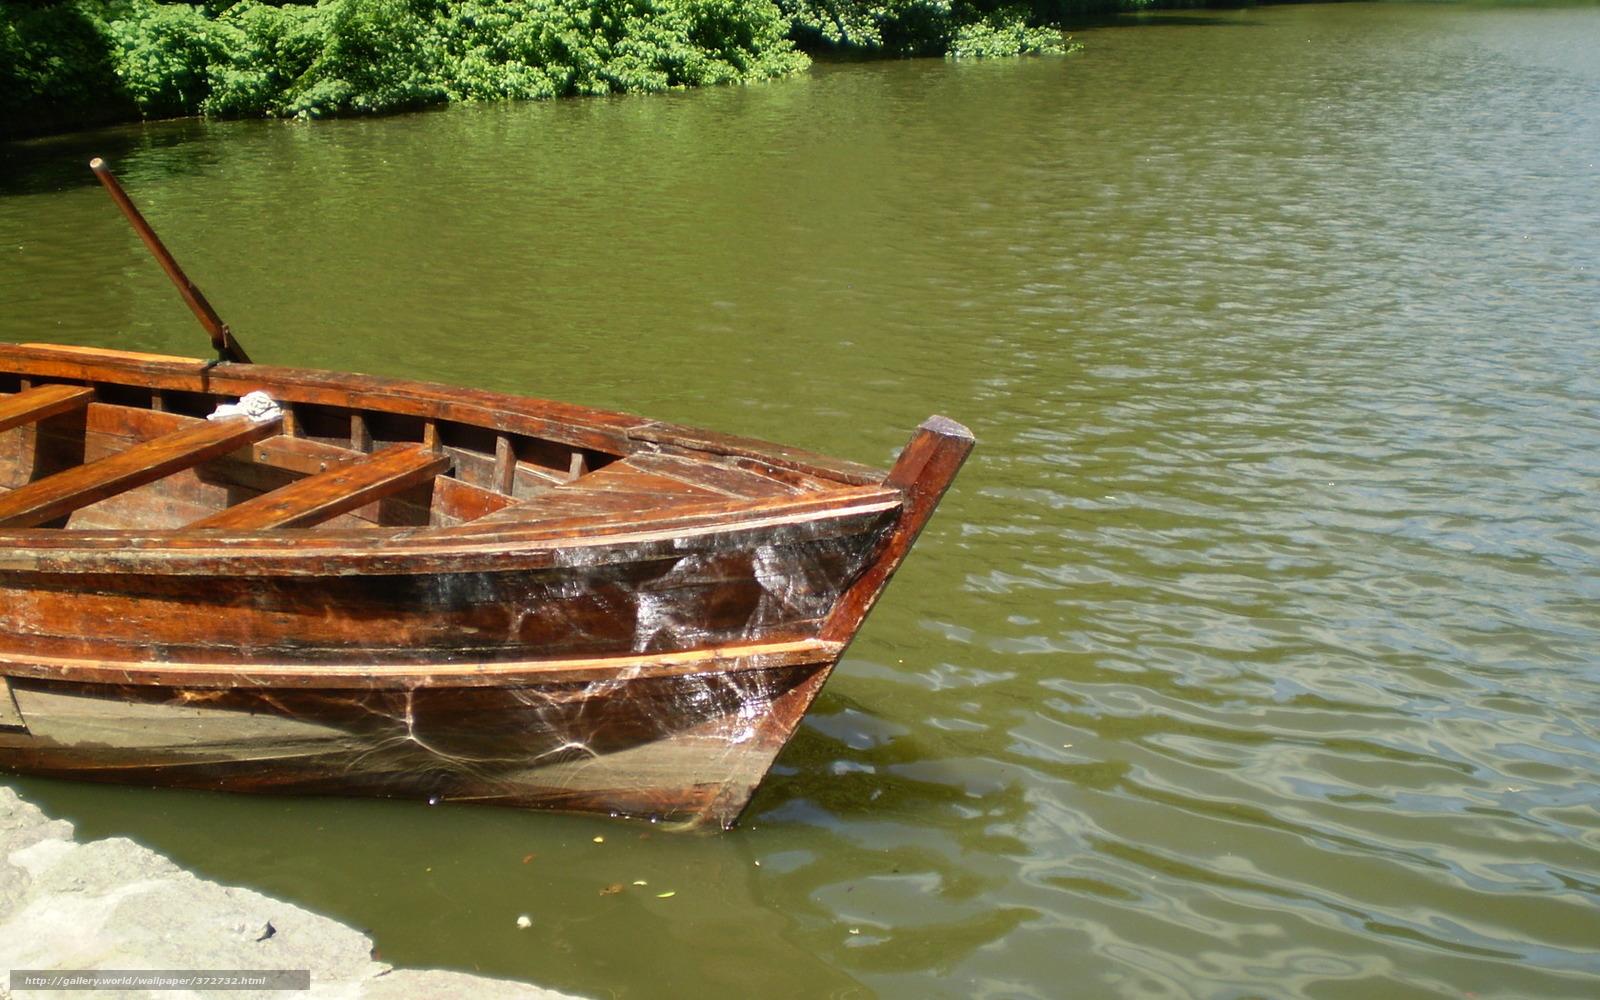 и лодке на пруду как солнечные